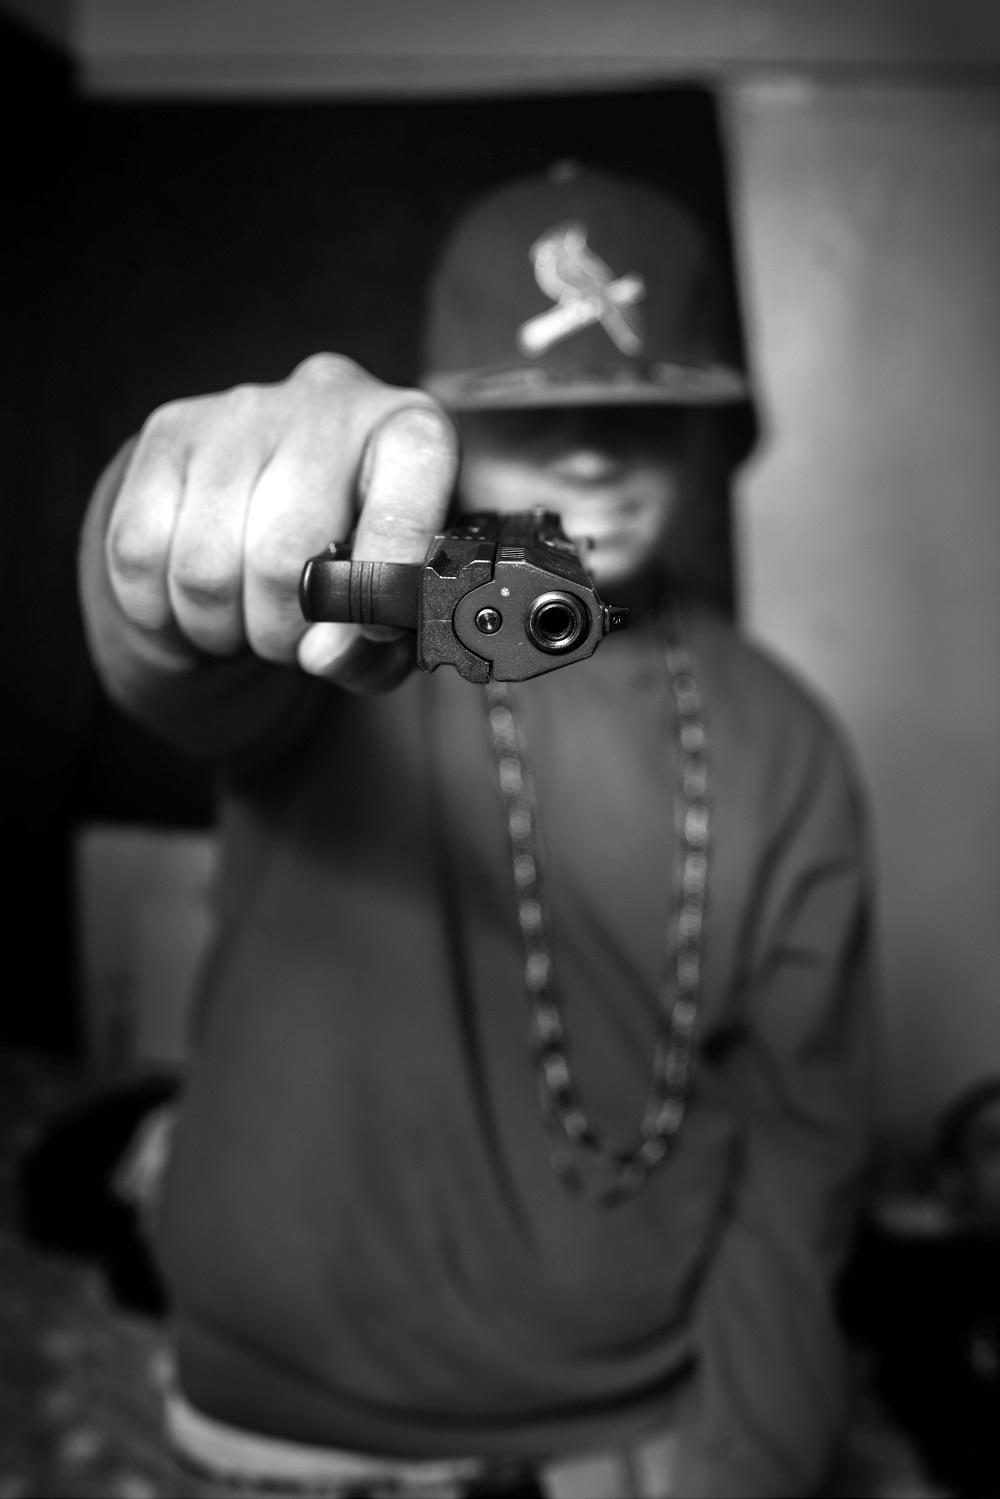 Мердер показывает пистолет, который он купил за 250 долларов на улице после того, как его друга в хо